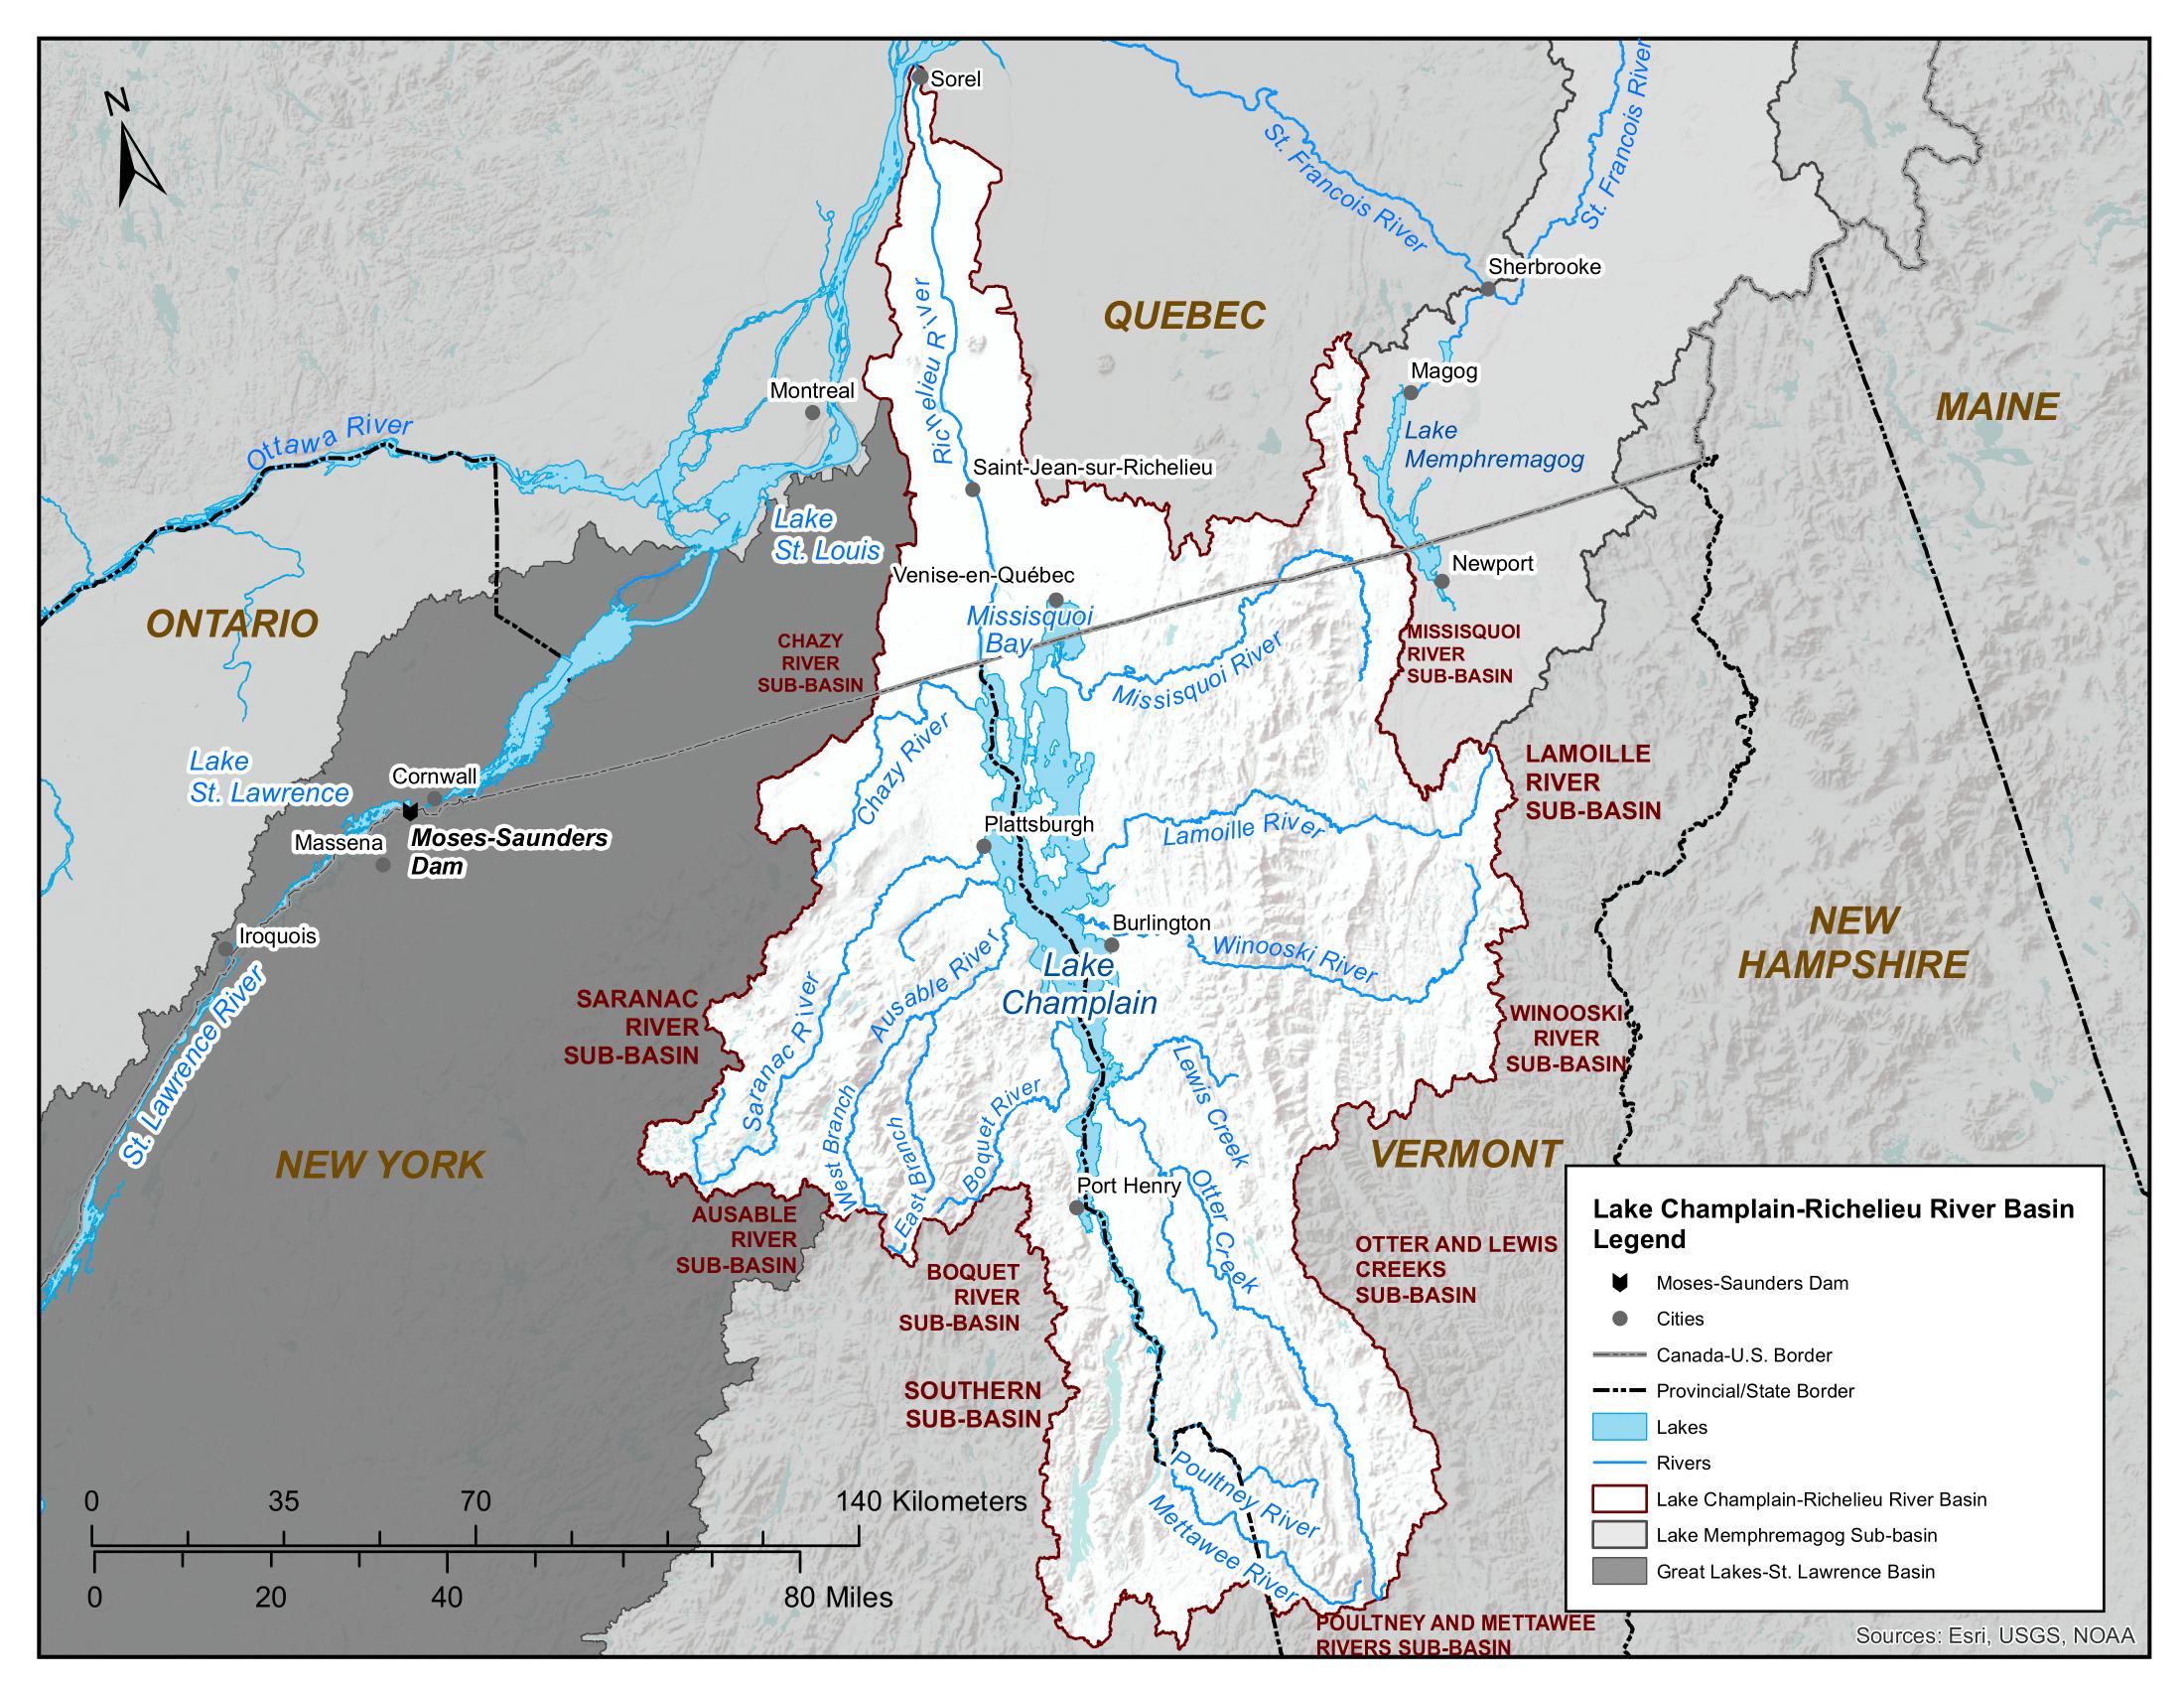 Lake Champlain and Richelieu River basin map